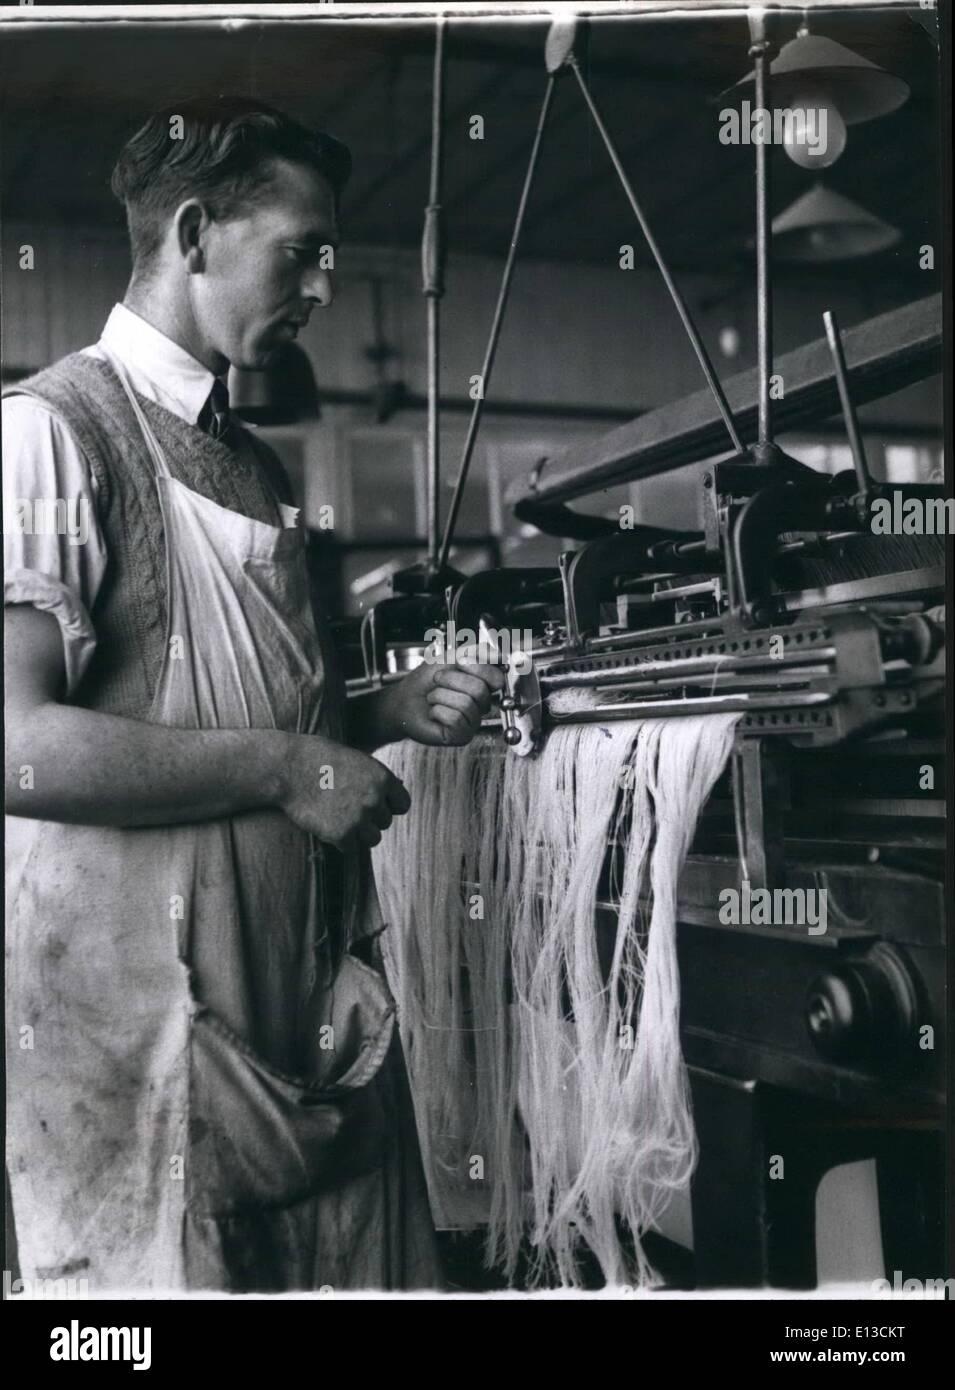 Feb. 29, 2012 - Warp Ting; Mr. John Fehay operates a warp tying machine. - Stock Image